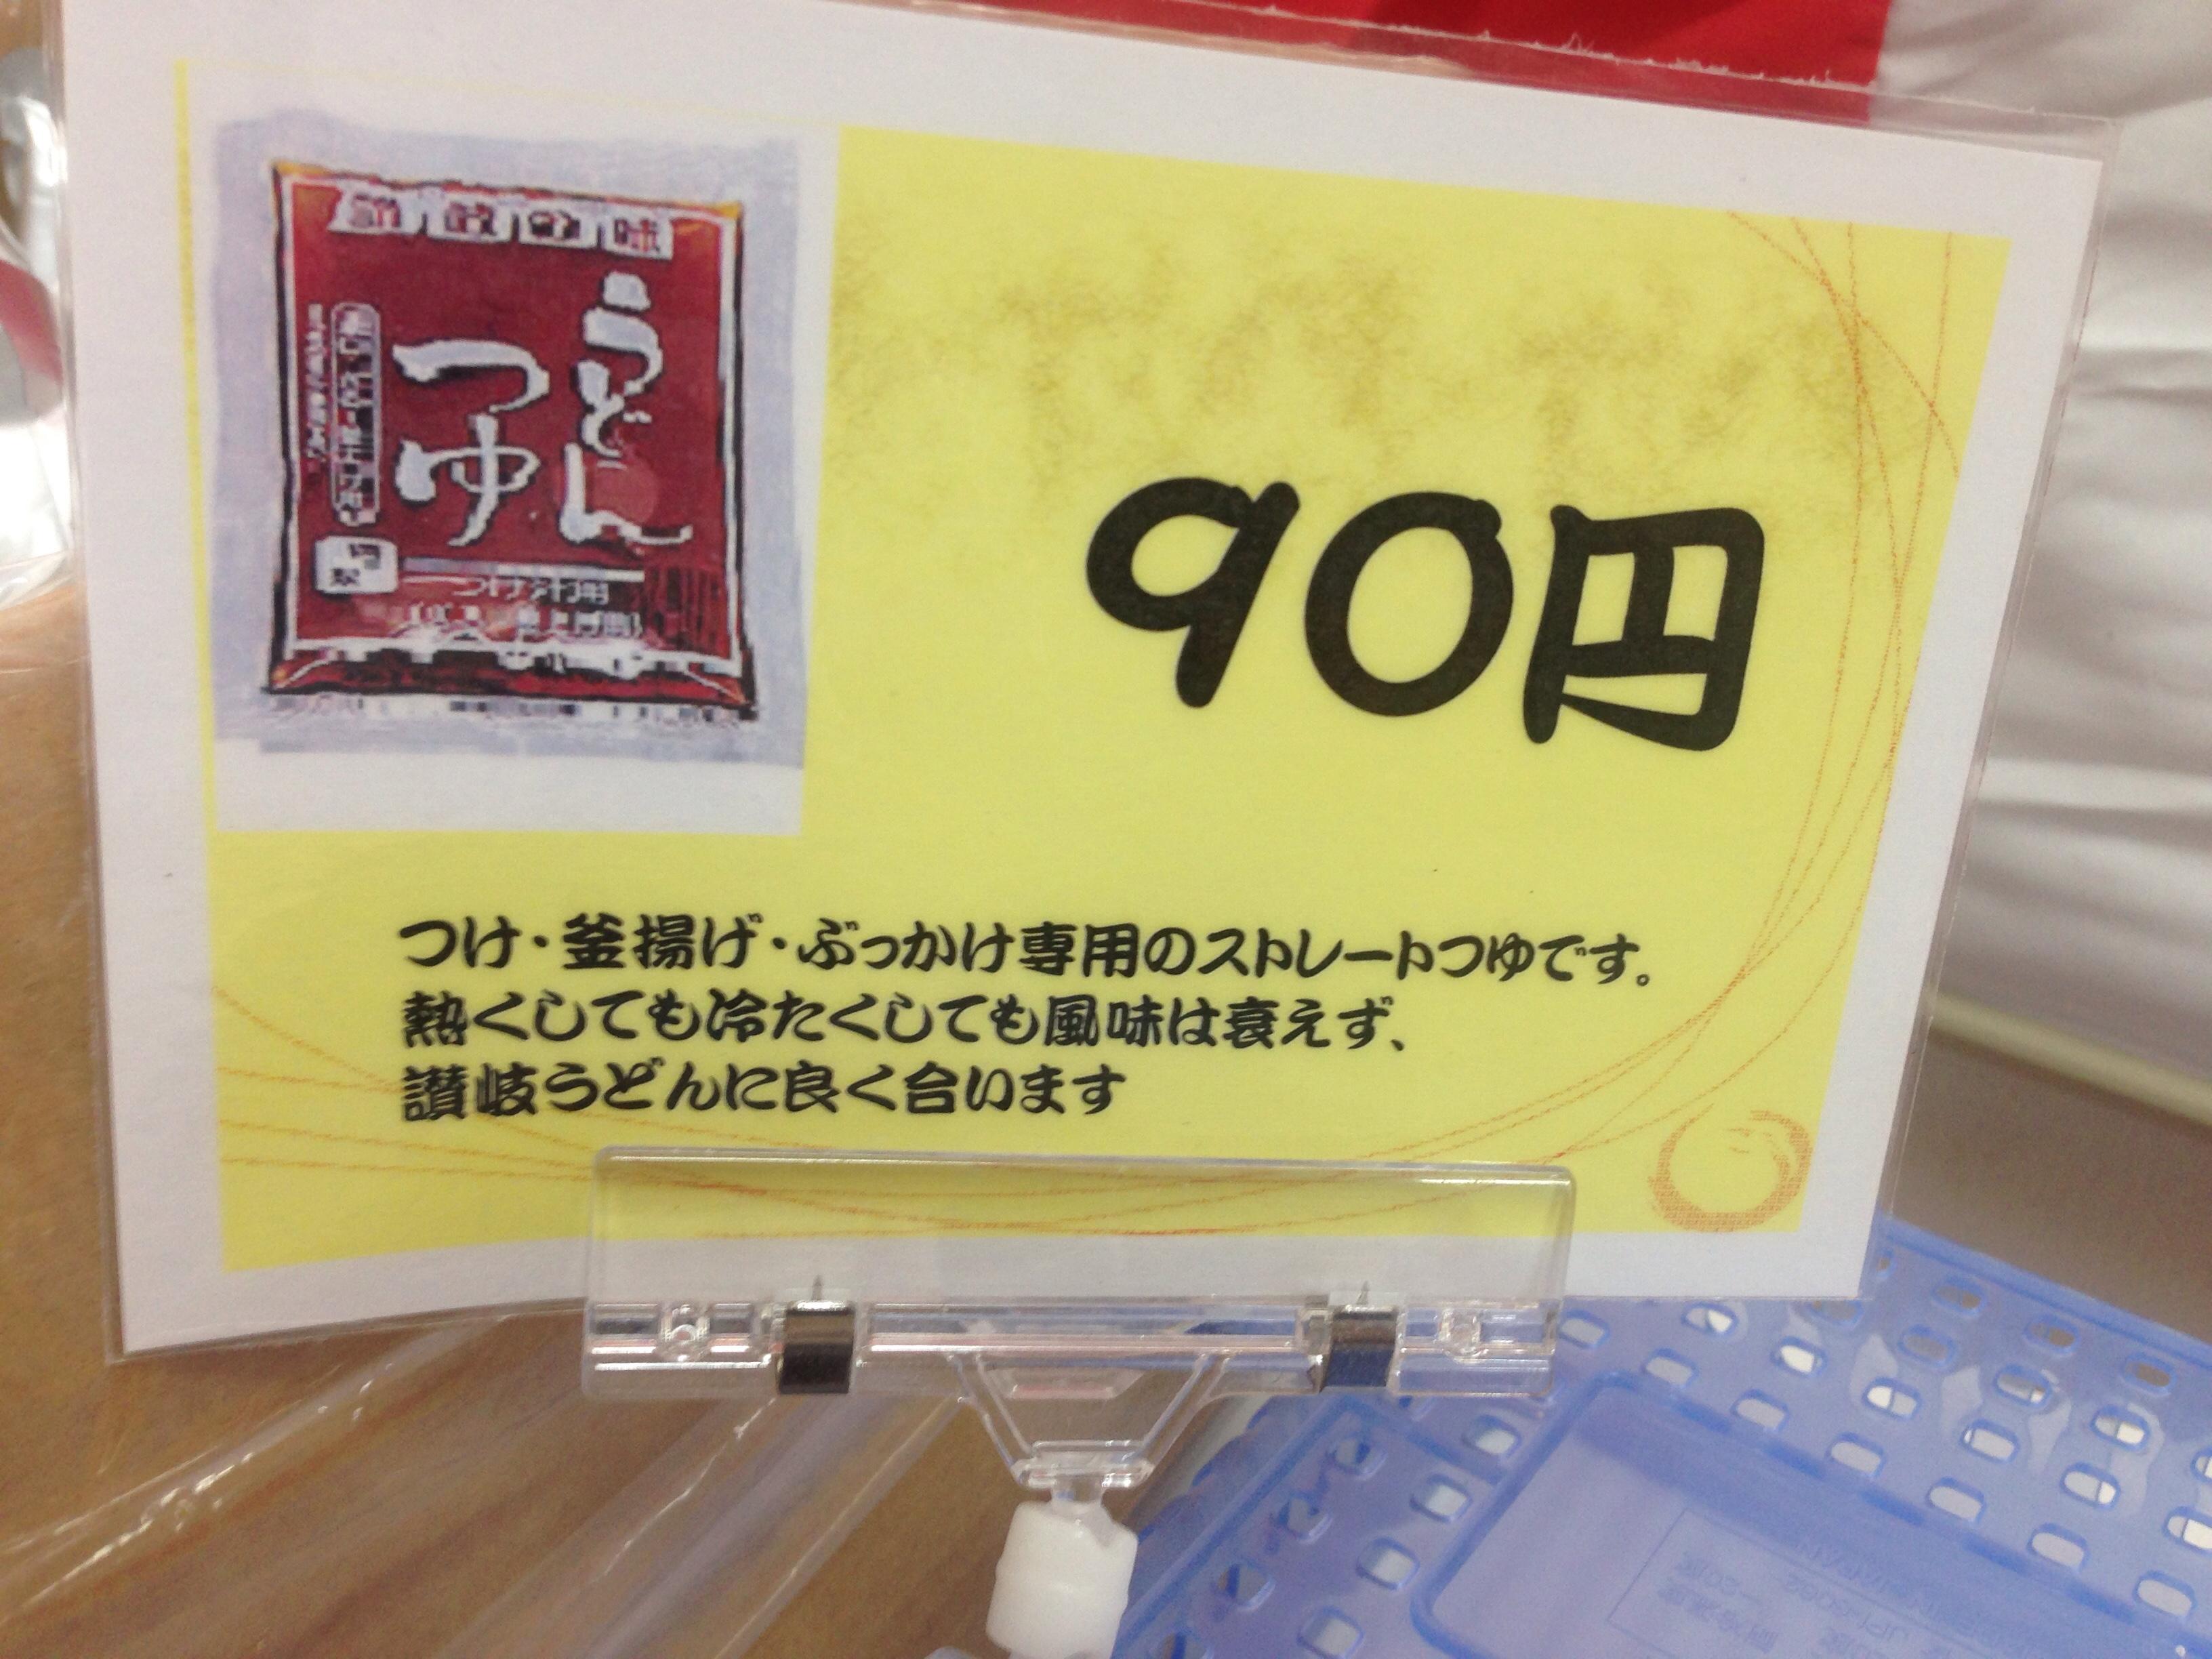 うどんつゆ90円